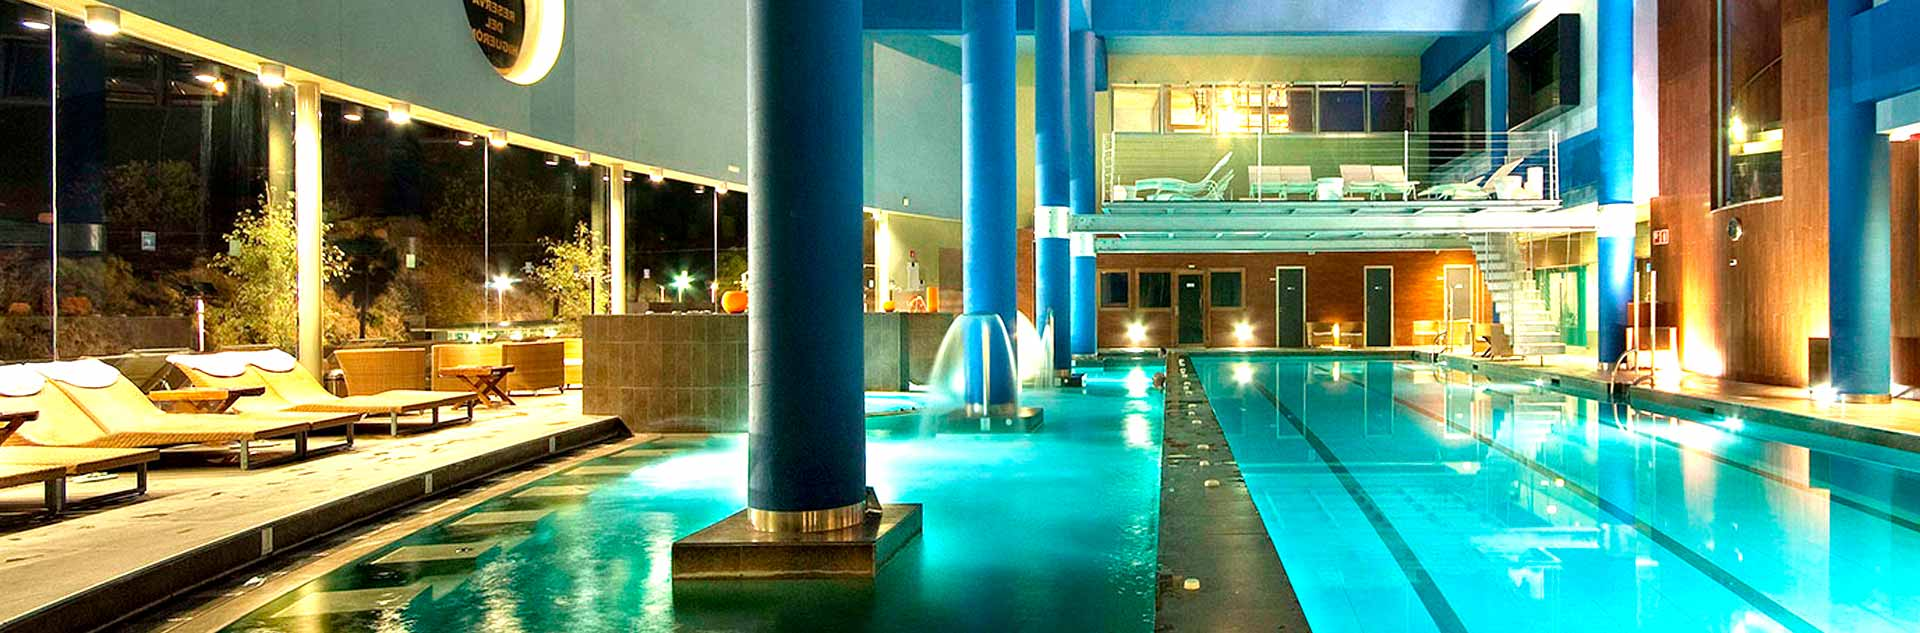 Nagomi Spa - Hotel El Higuerón